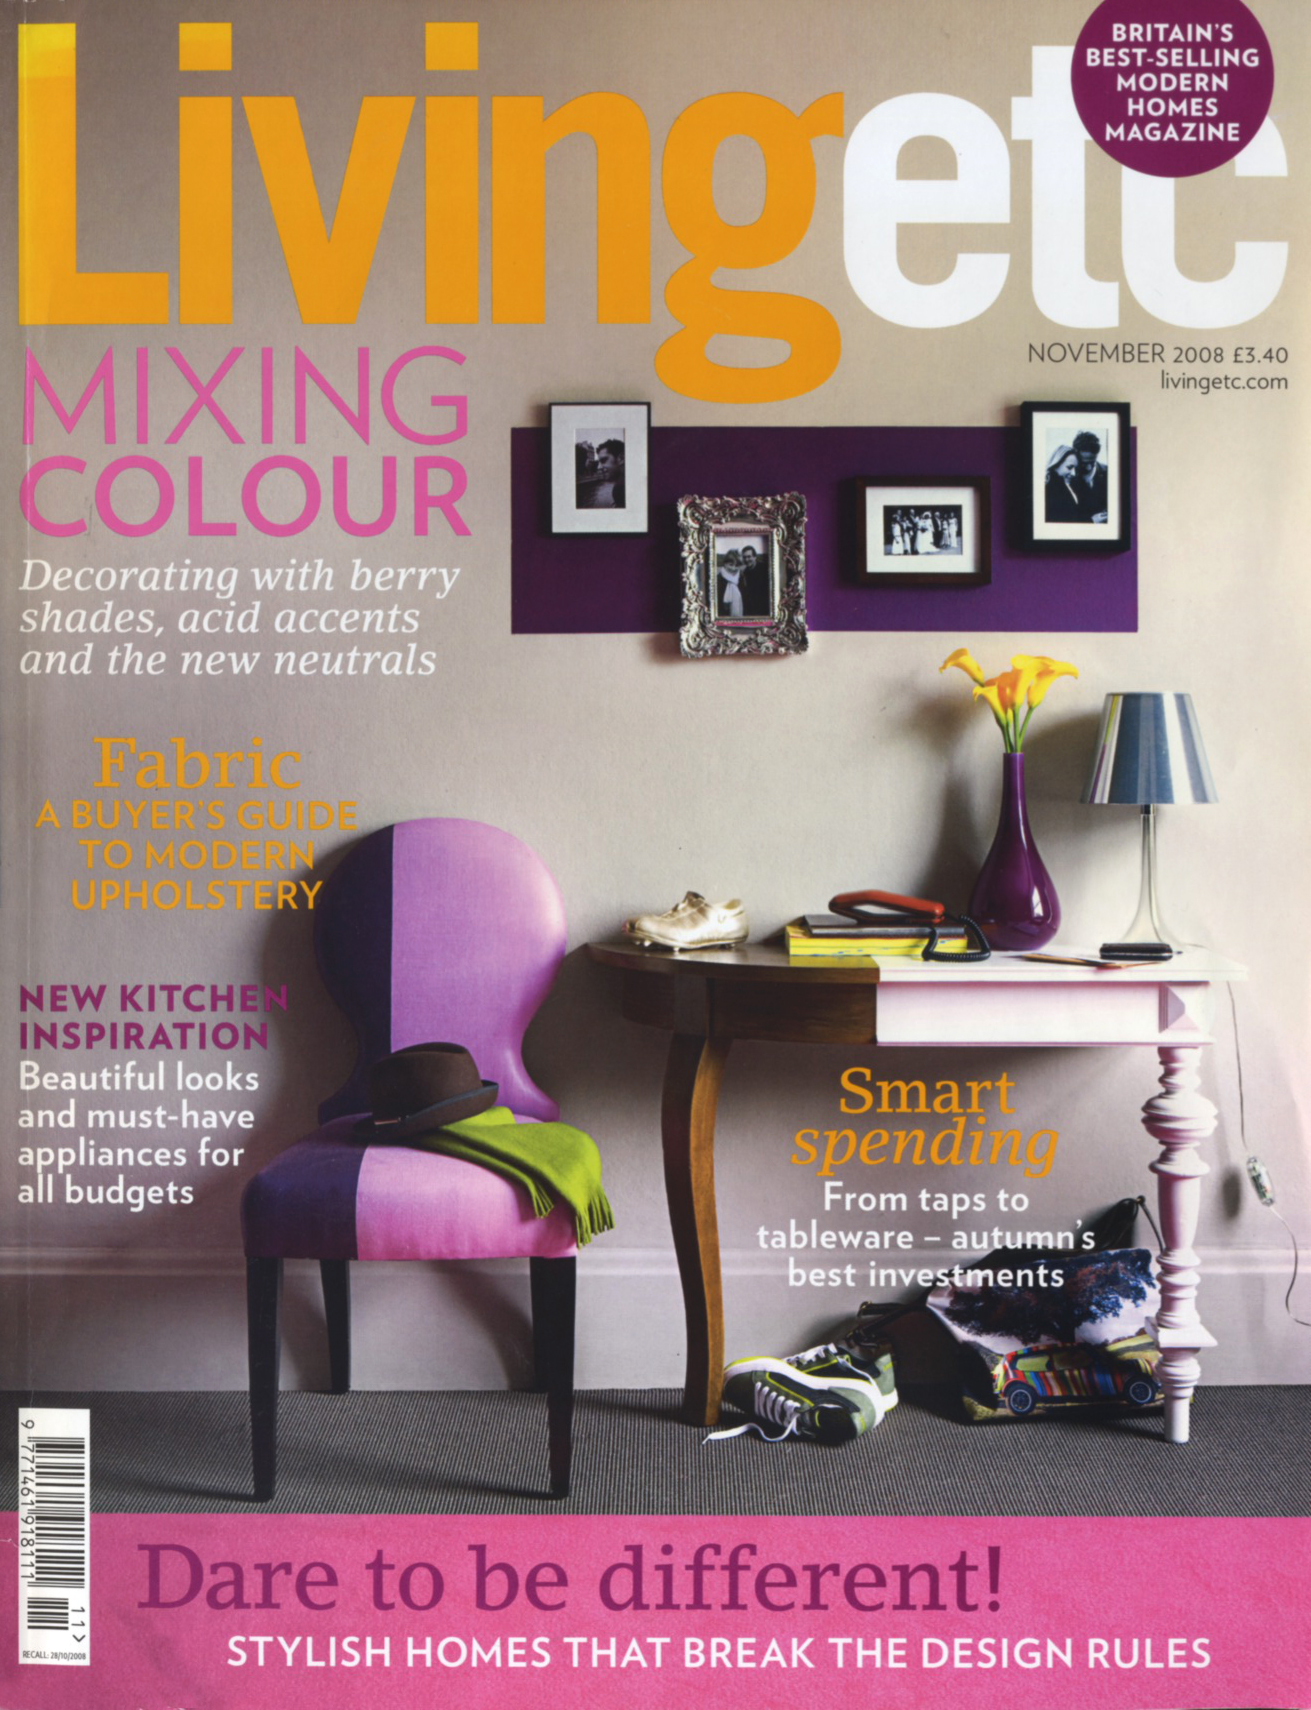 © ghislaine viñas interior design-living ect.11.08_2.jpeg